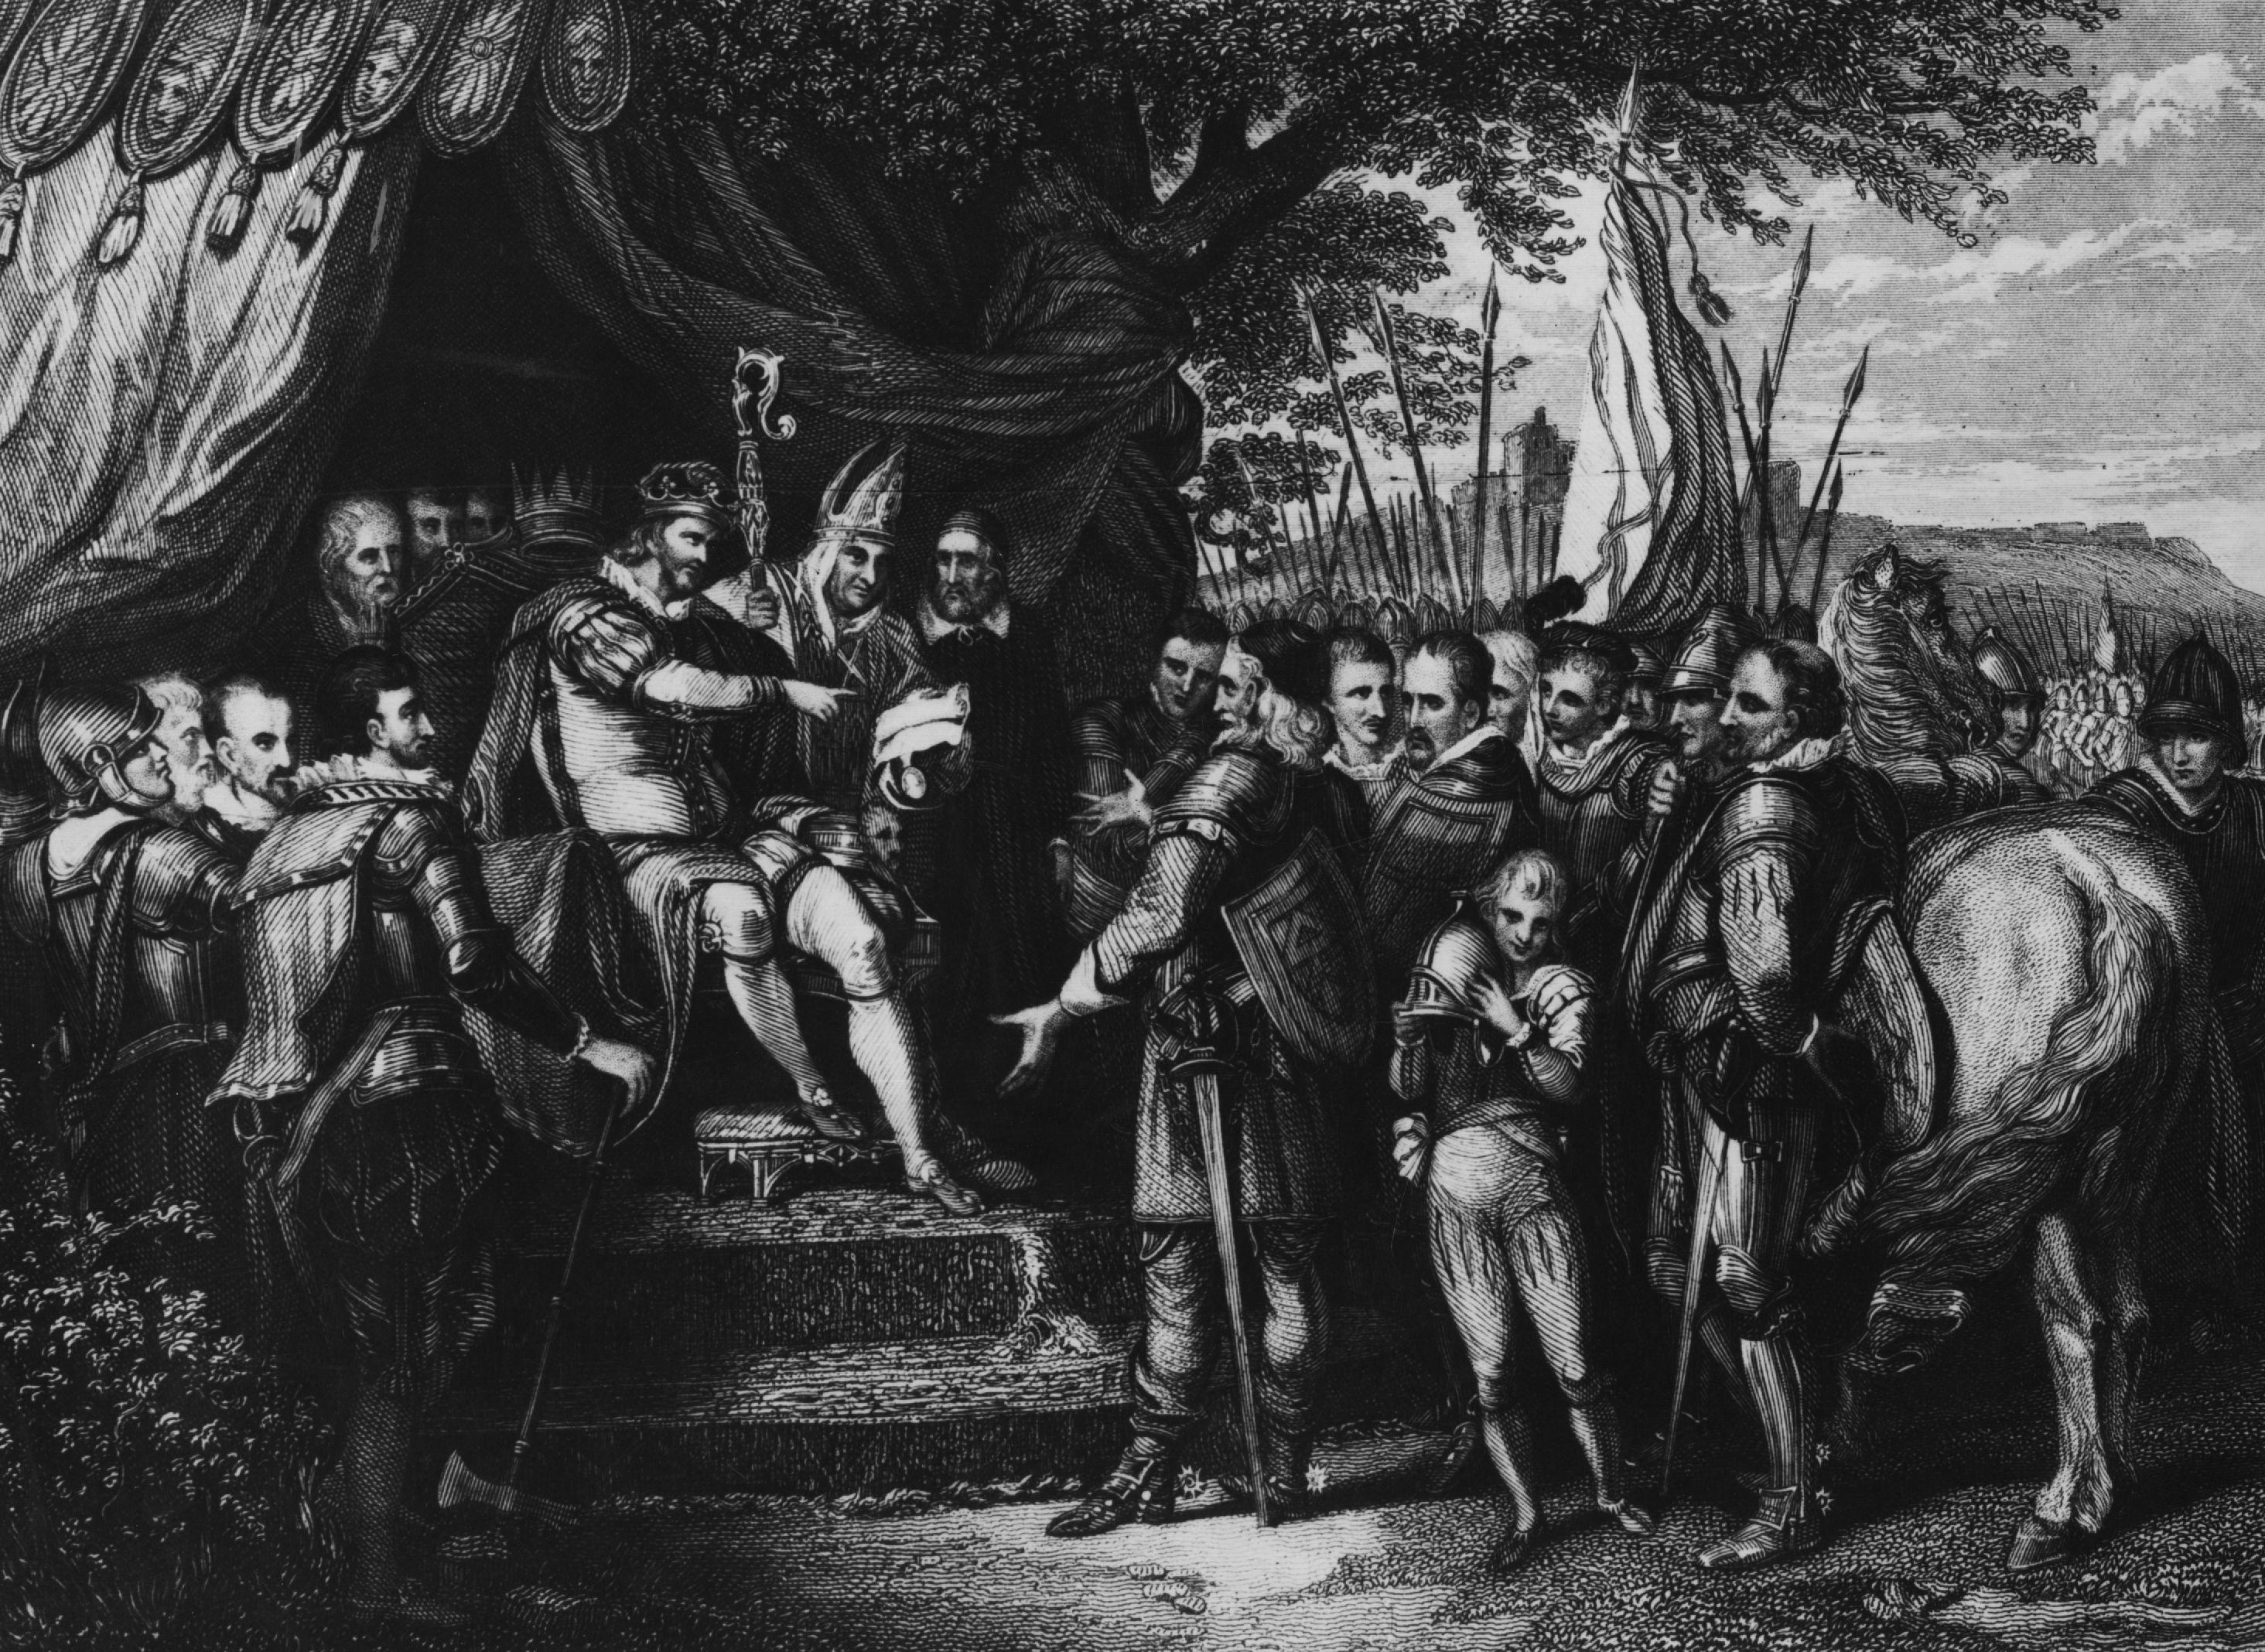 The Magna Carta King John